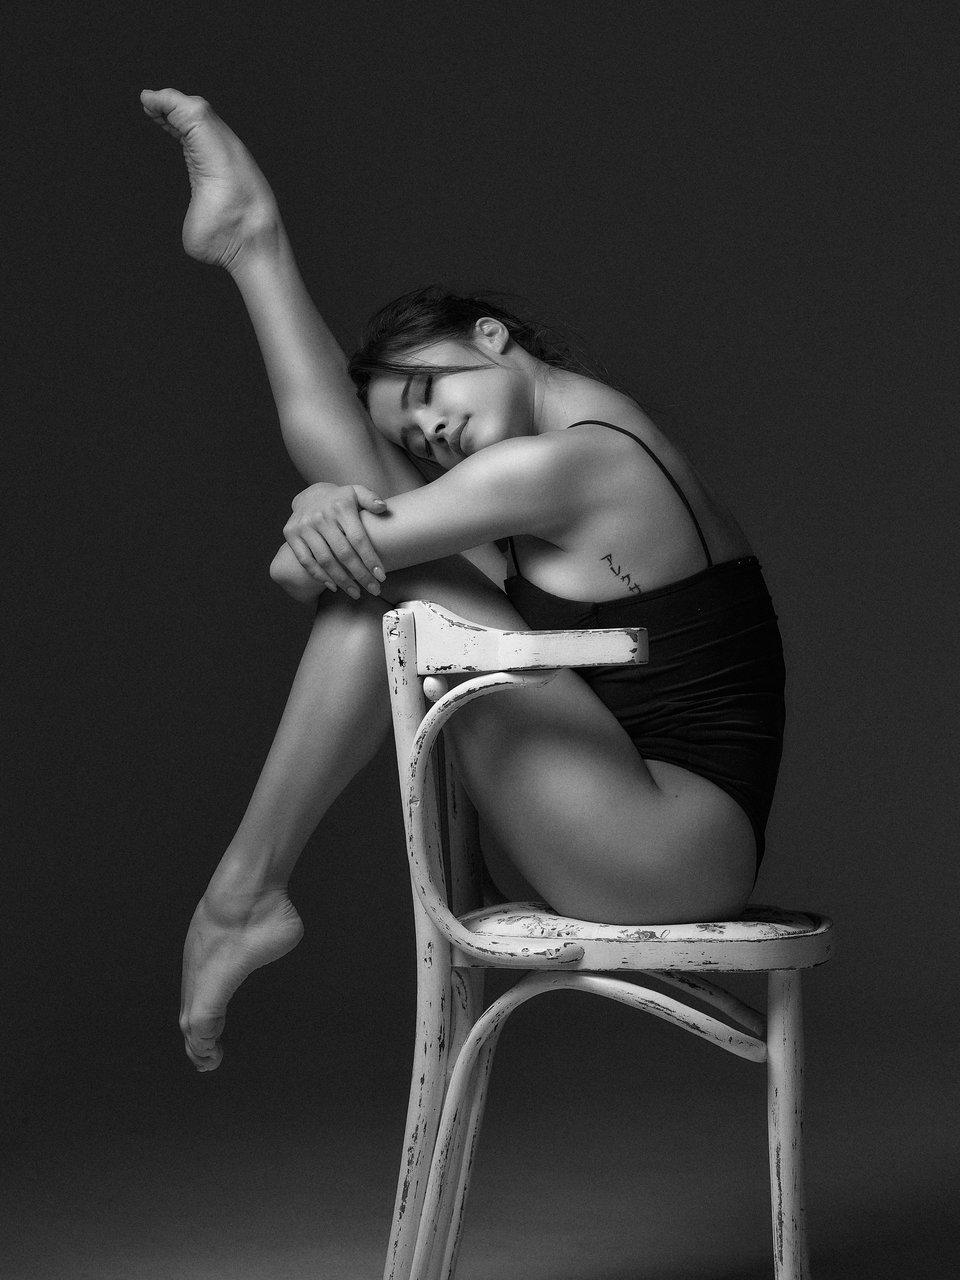 Photo in Portrait | Author Georgi Todorov - George_Todoroff | PHOTO FORUM